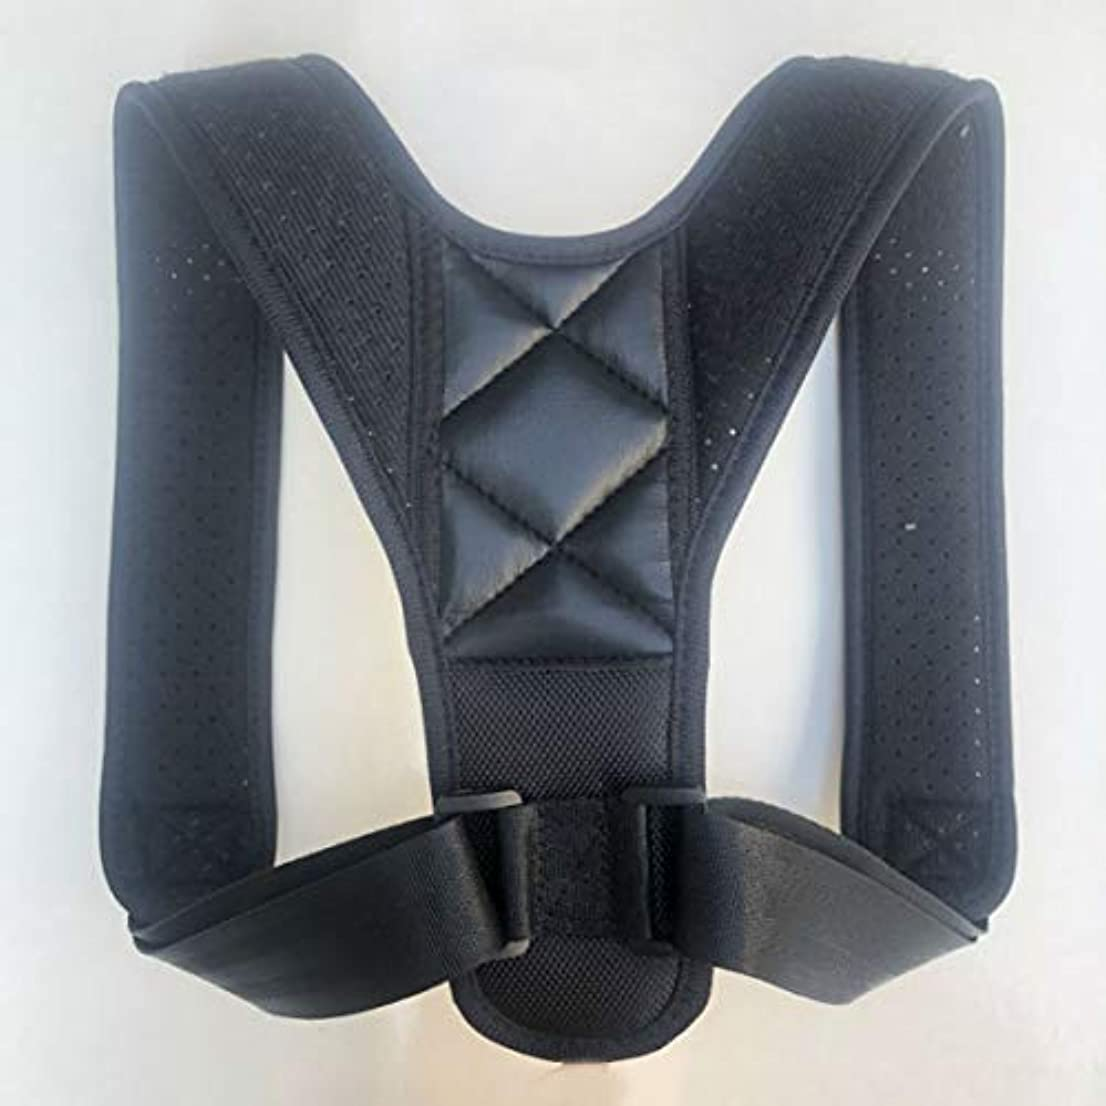 アッパーバックポスチャーコレクター姿勢鎖骨サポートコレクターバックストレートショルダーブレースストラップコレクター - ブラック